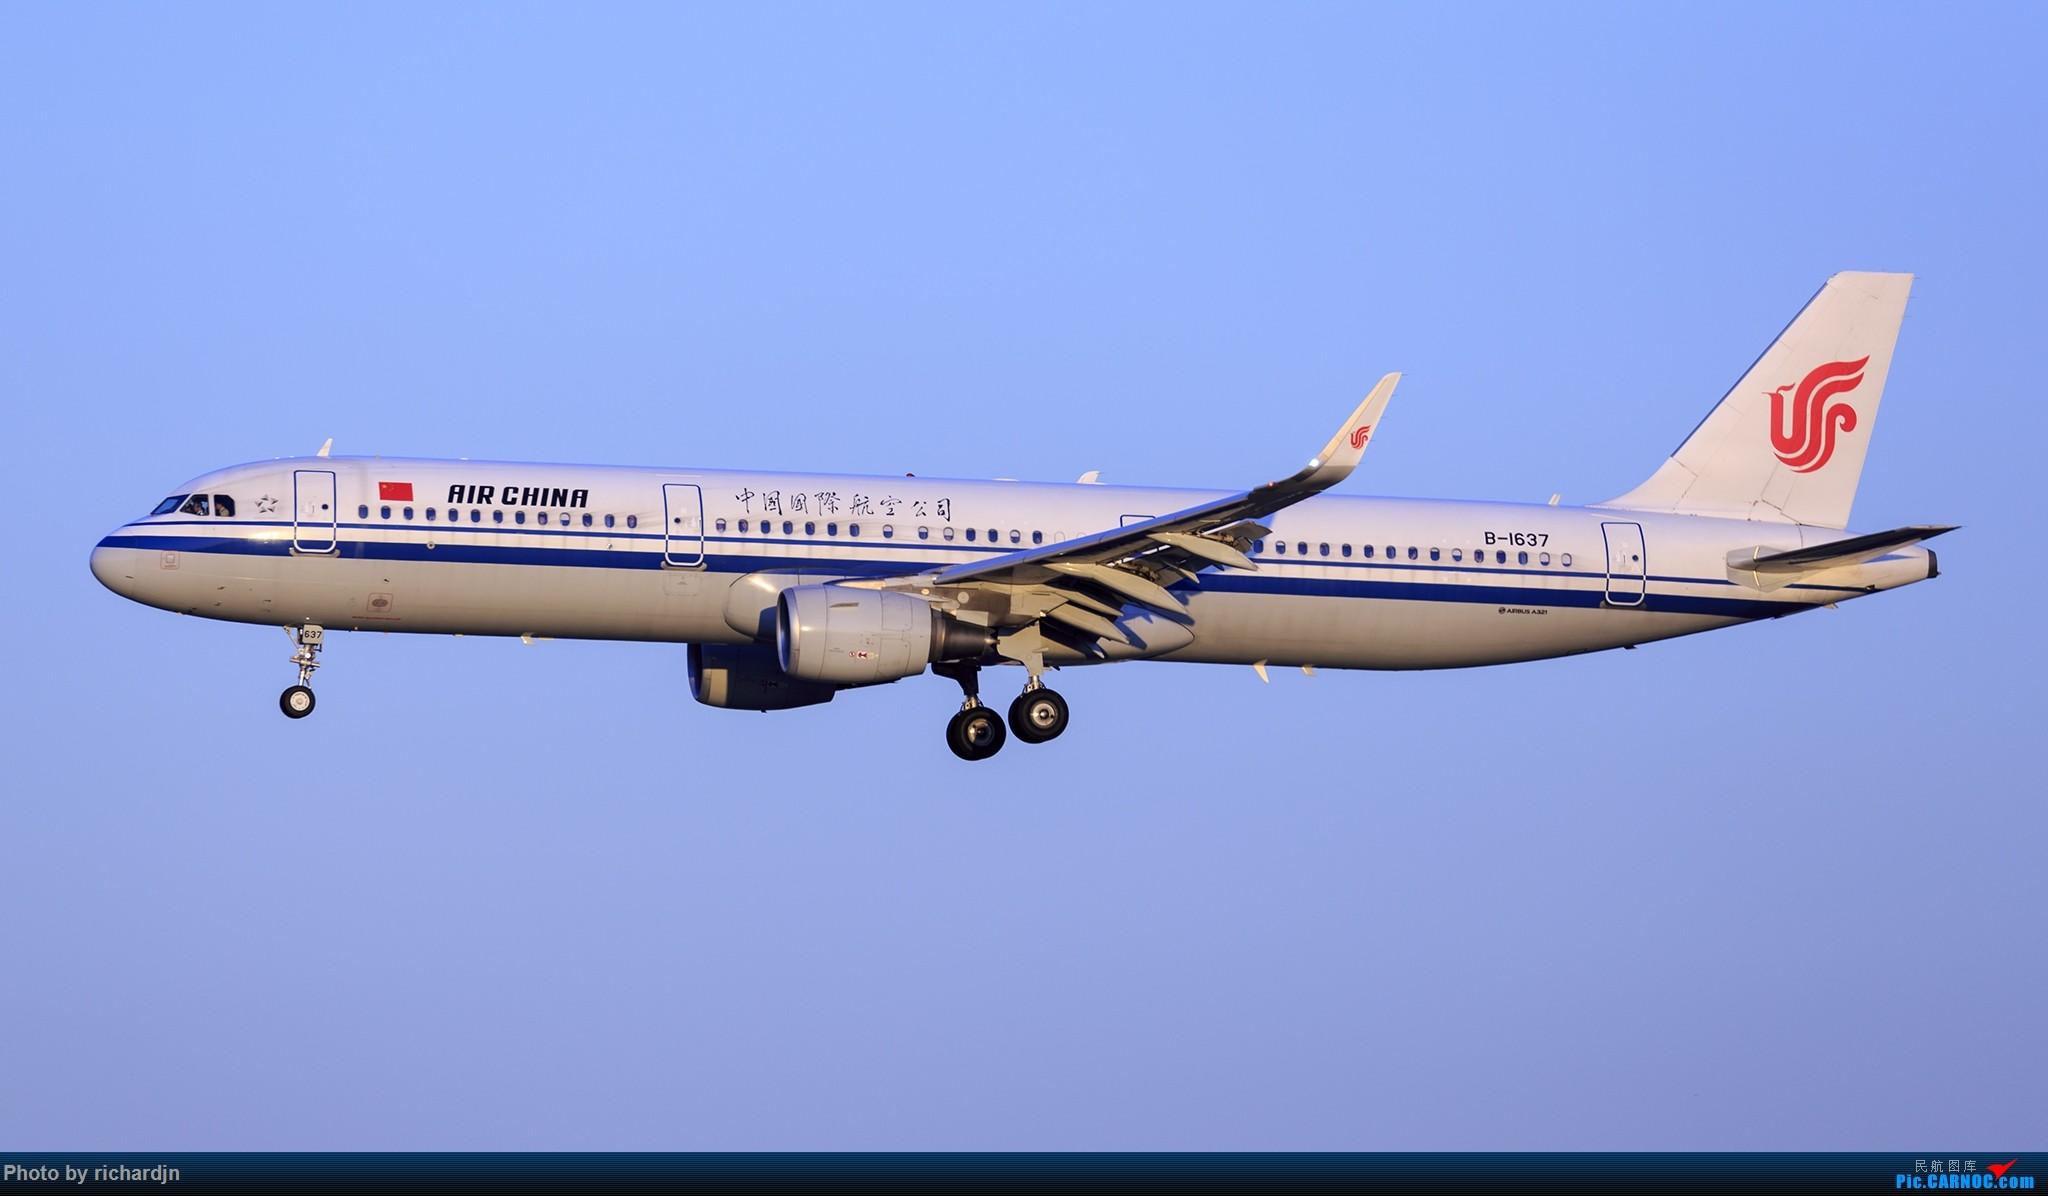 Re:[原创]2018年10月1日ZBAA撸机 AIRBUS A321-200 B-1637 中国北京首都国际机场